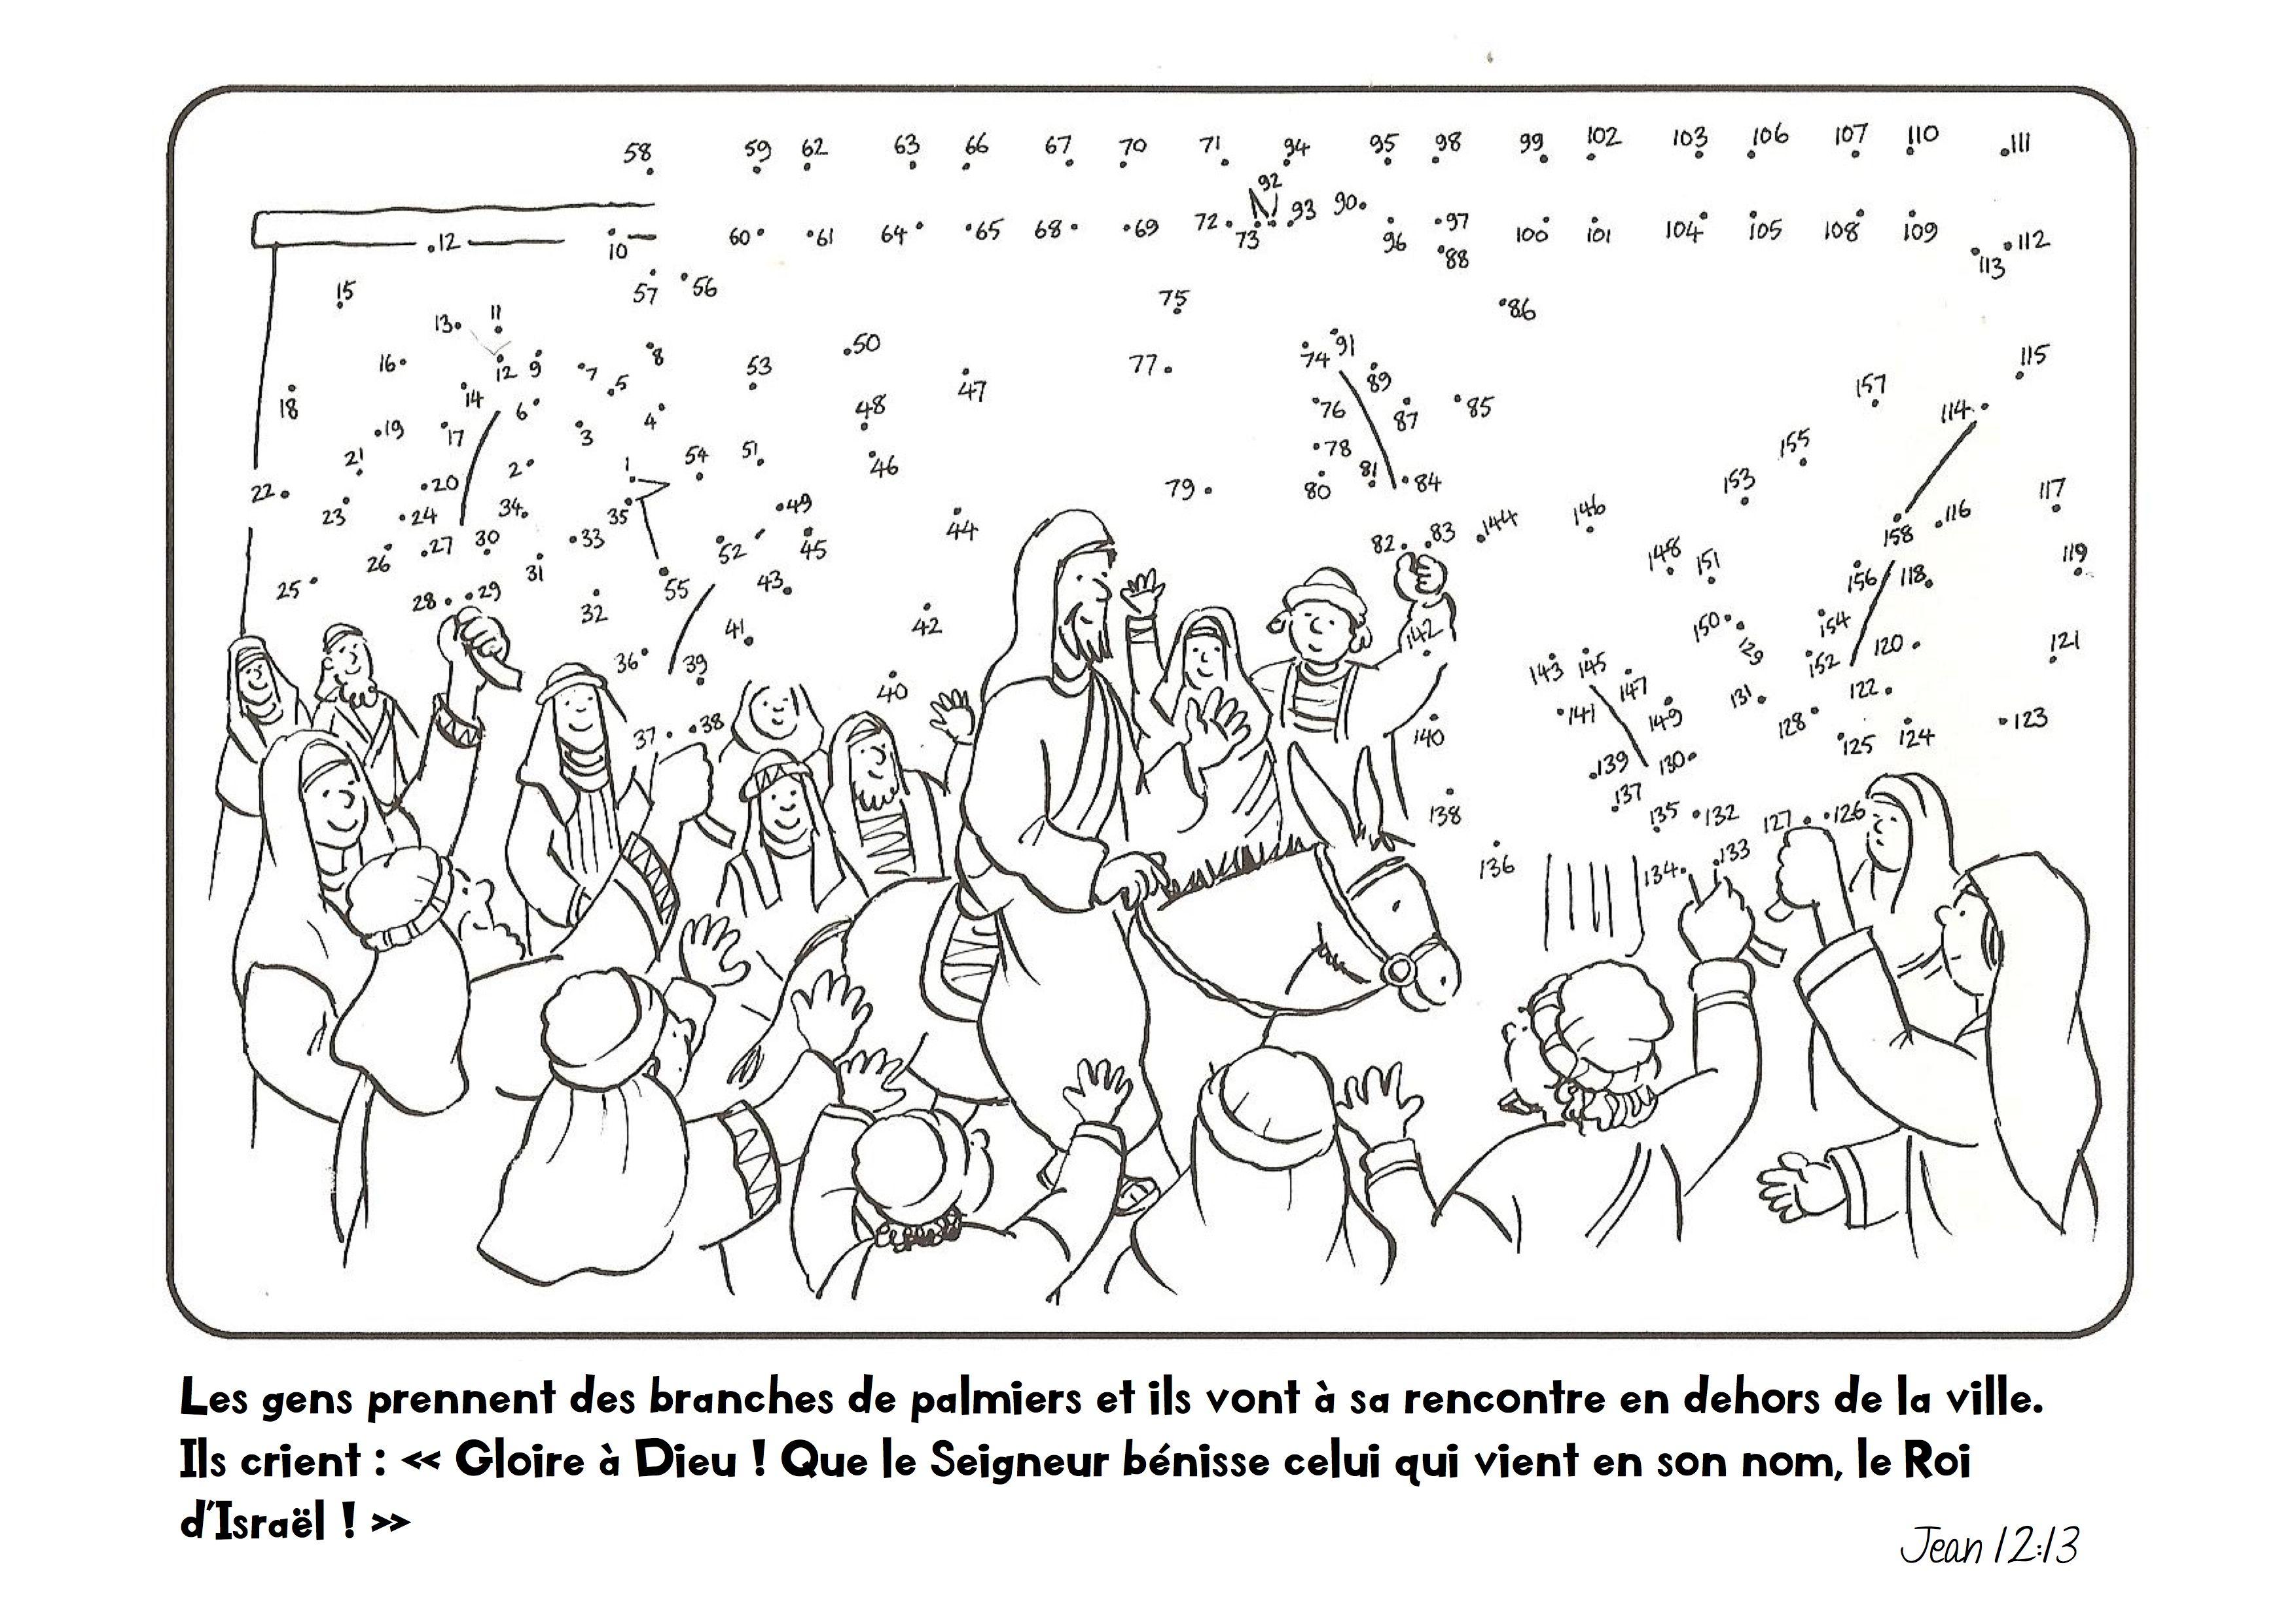 Dimanche Des Rameaux Coloriage Verset Coloring Page Sundayschool Jesus Entering Ti Jerusalem Sunday School Crafts Bible Crafts Easter Sunday School